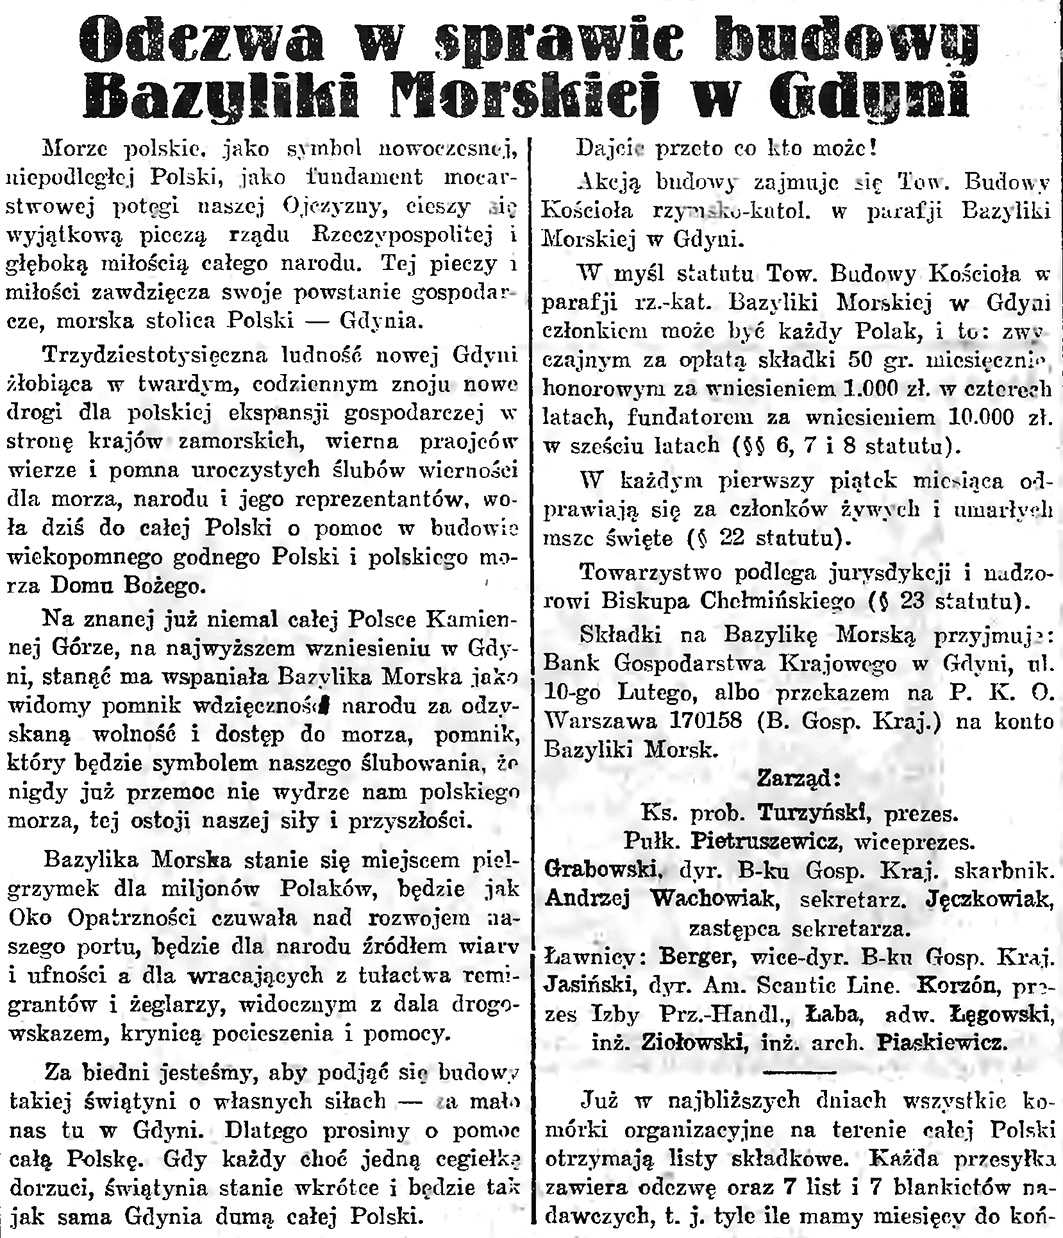 Odezwa w sprawie budowy Bazyliki Morskiej w Gdyni // Gazeta Gdańska. - 1932, nr 123, s. 6